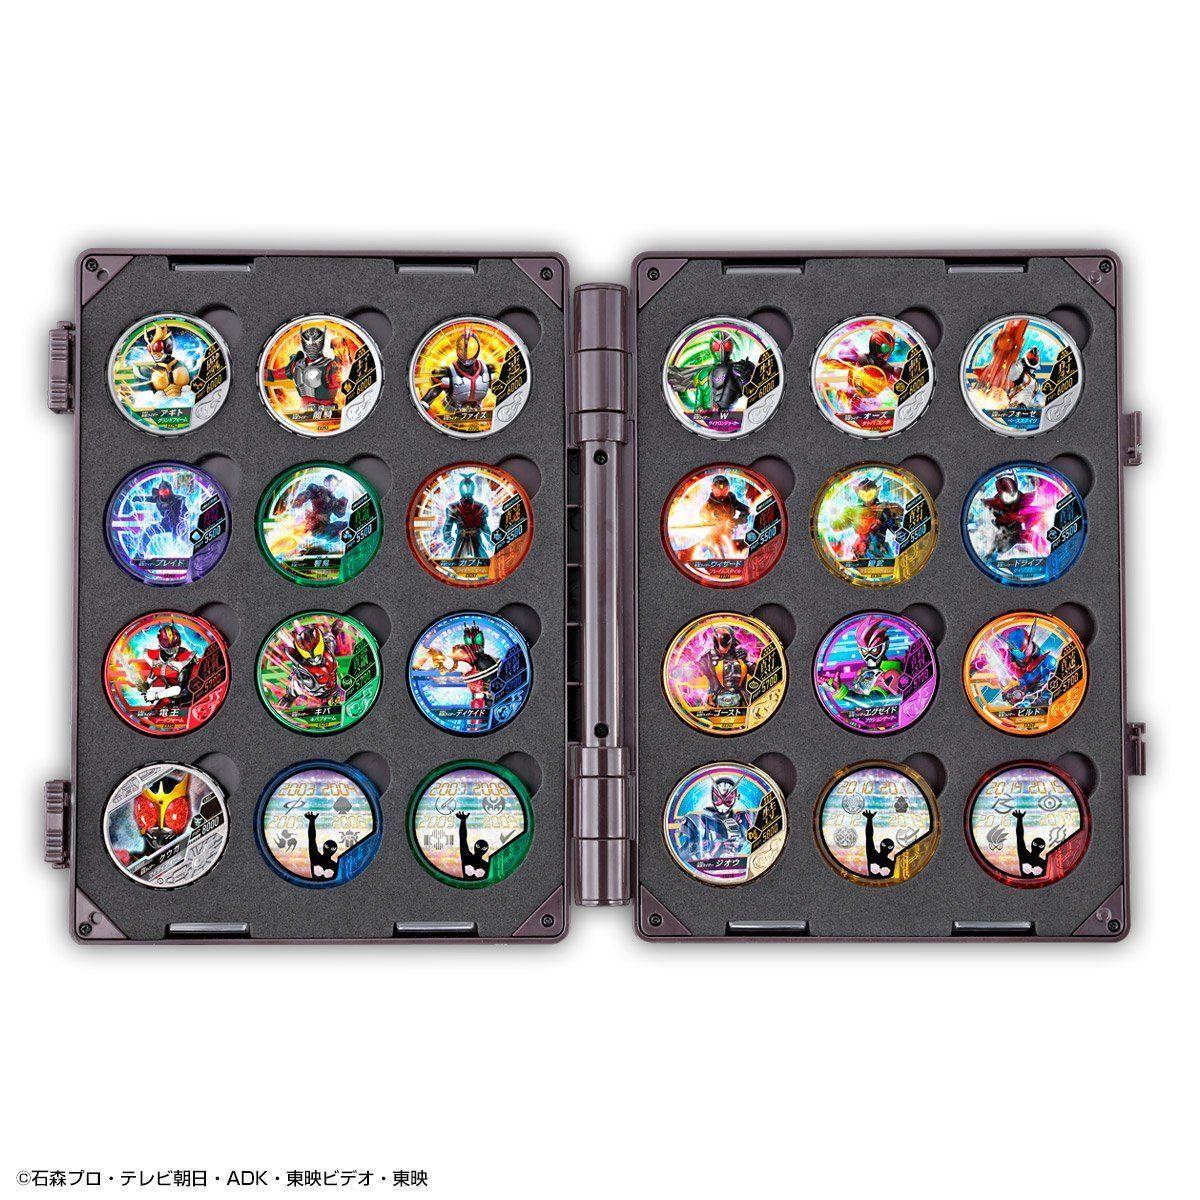 仮面ライダー ブットバソウル『オフィシャルメダルホルダー -20th Anniversary-』-009